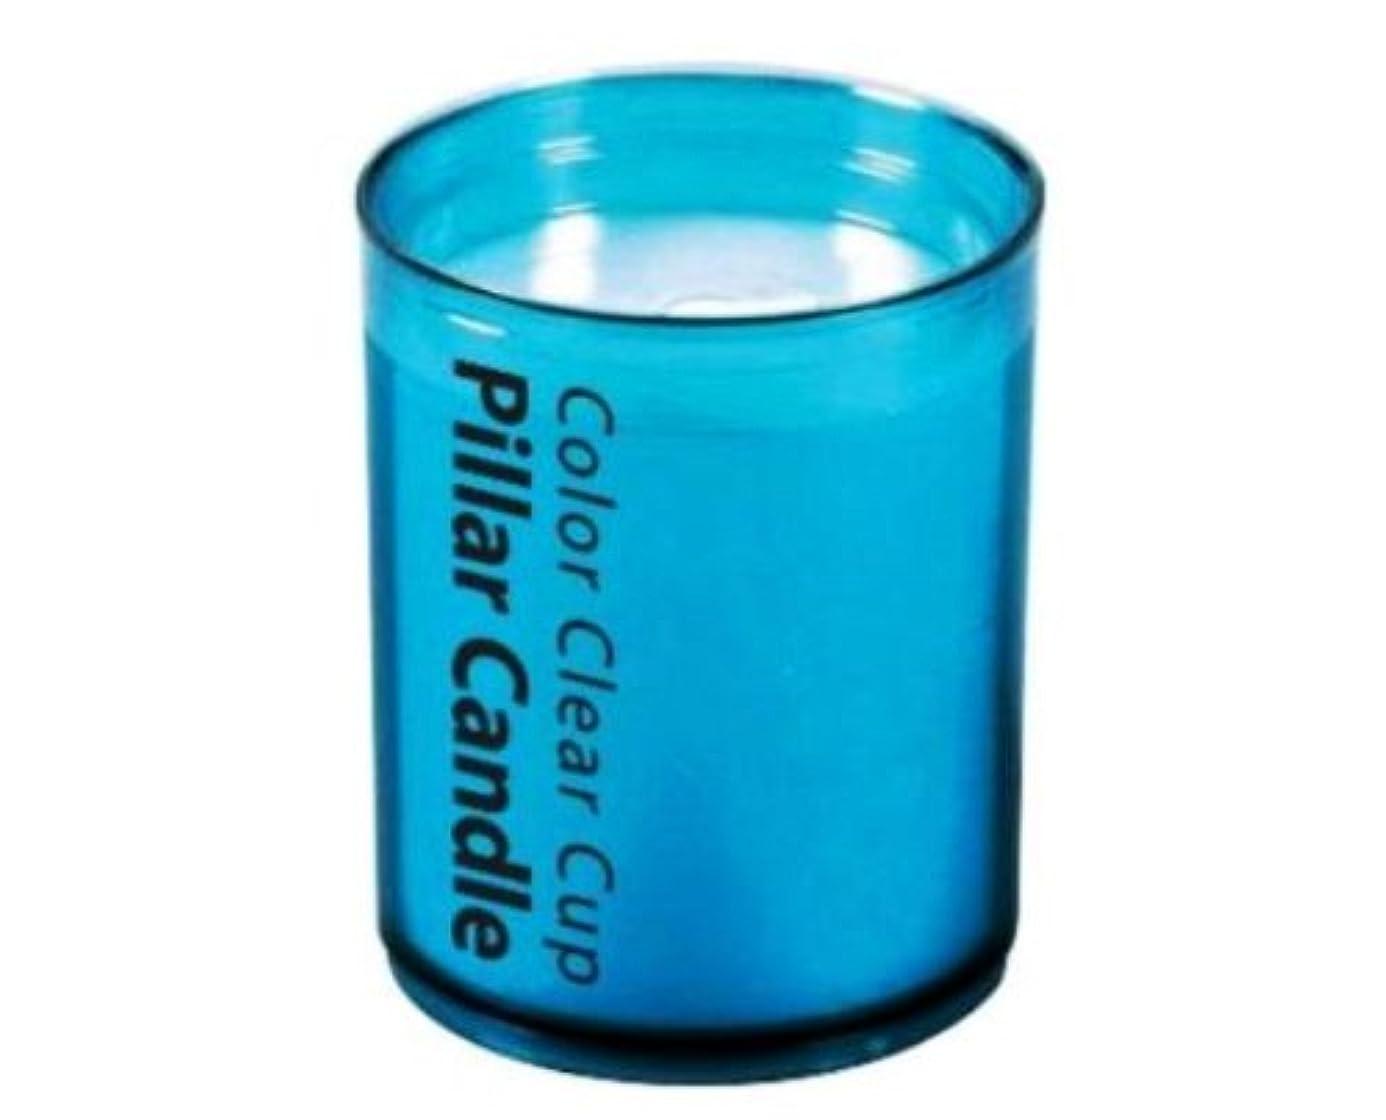 ポテト探検アーティキュレーションカメヤマ カラークリアカップピラー3インチ ブルー